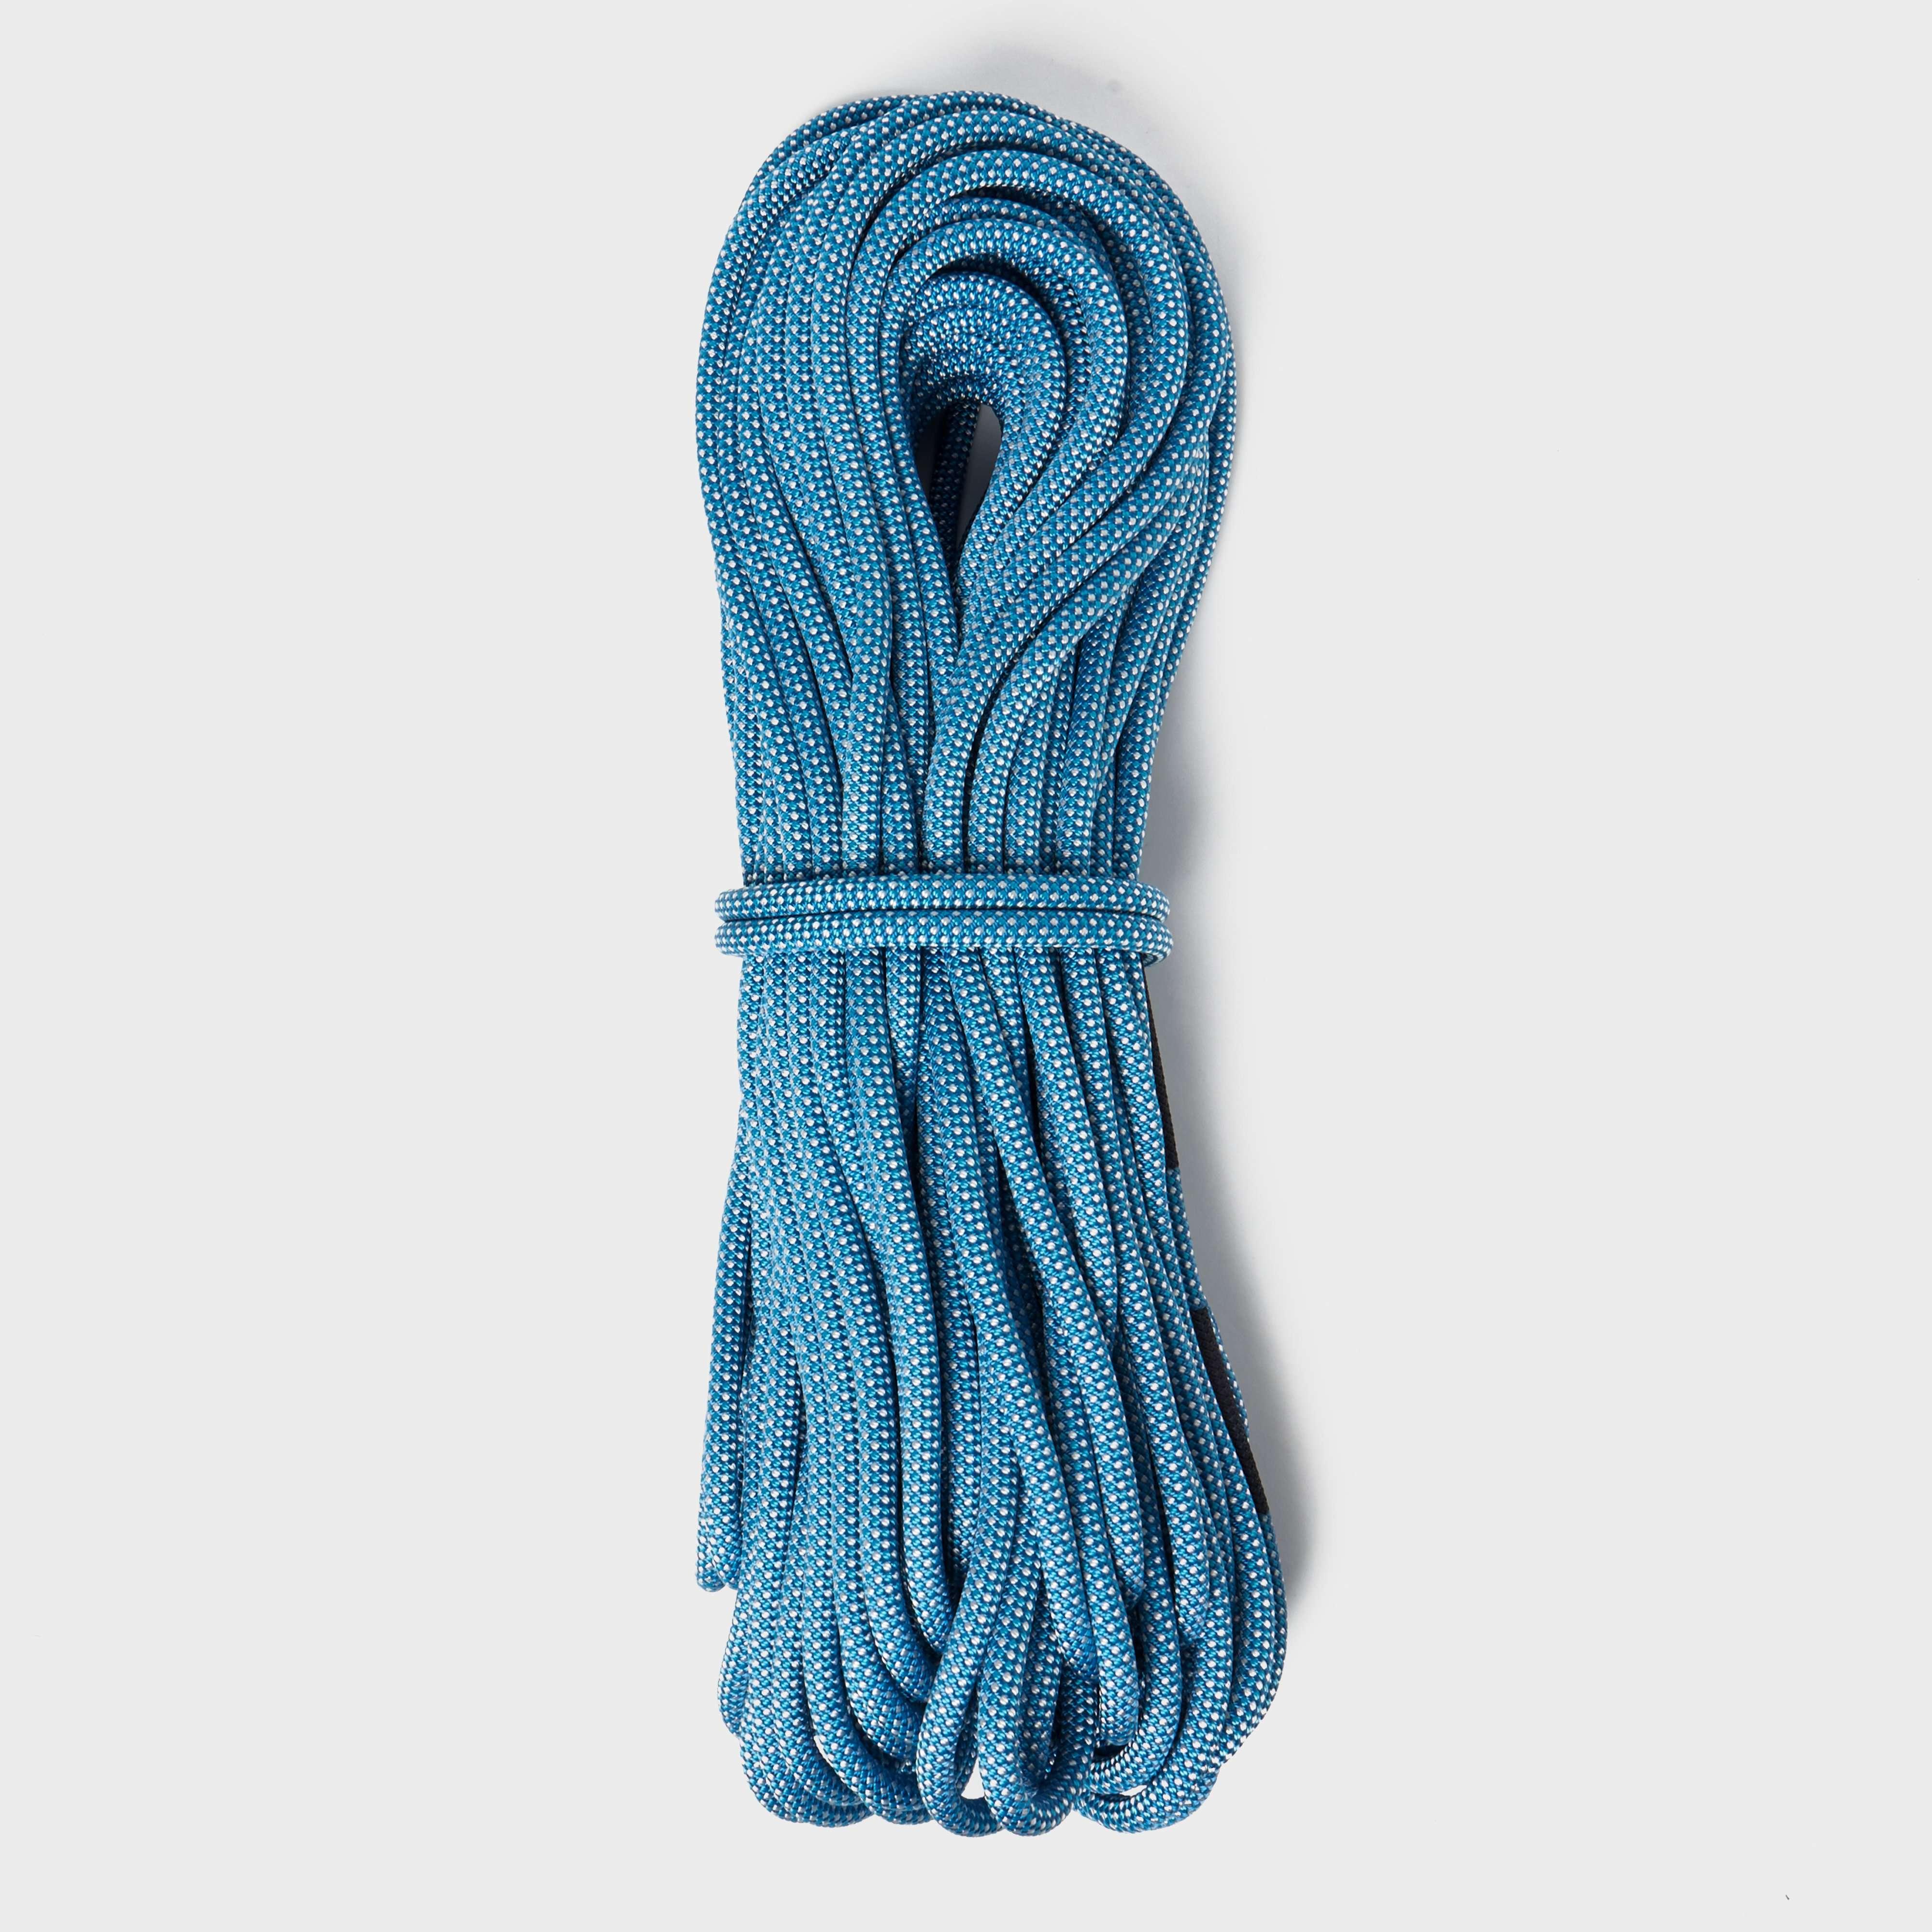 PETZL Mambo® 10.1mm Climbing Rope 50m